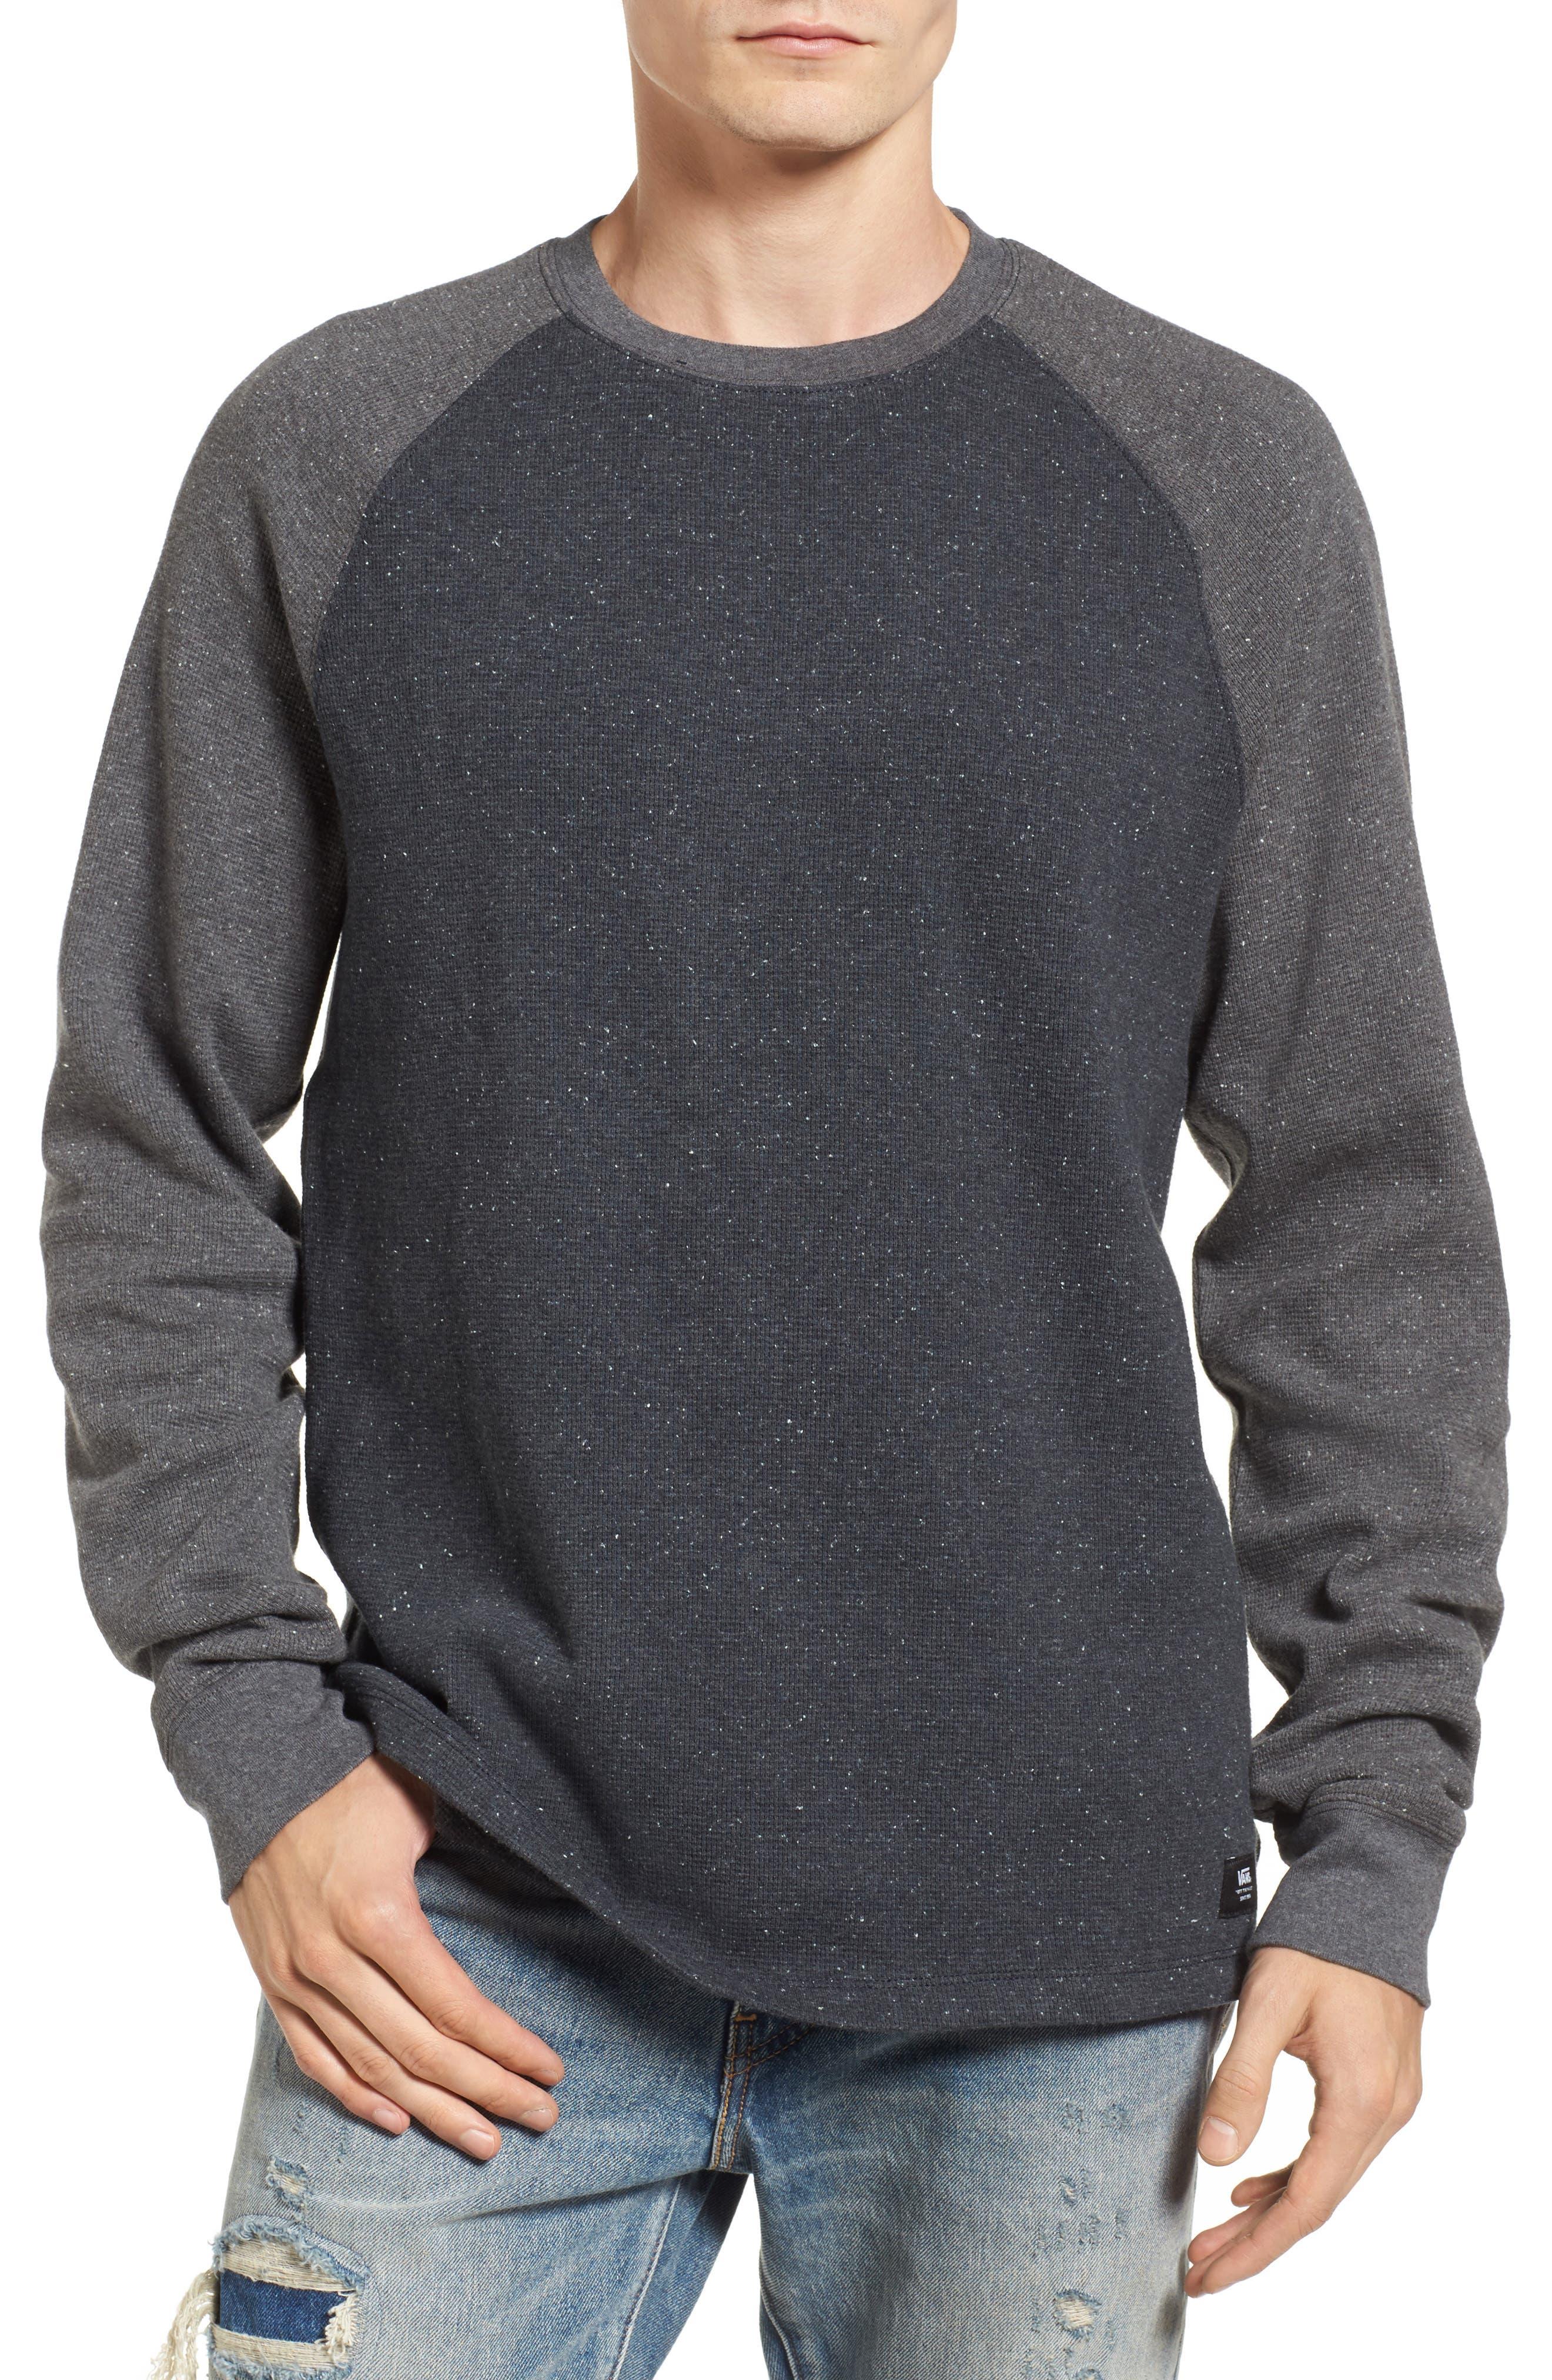 Burdett Thermal T-Shirt,                         Main,                         color, 001